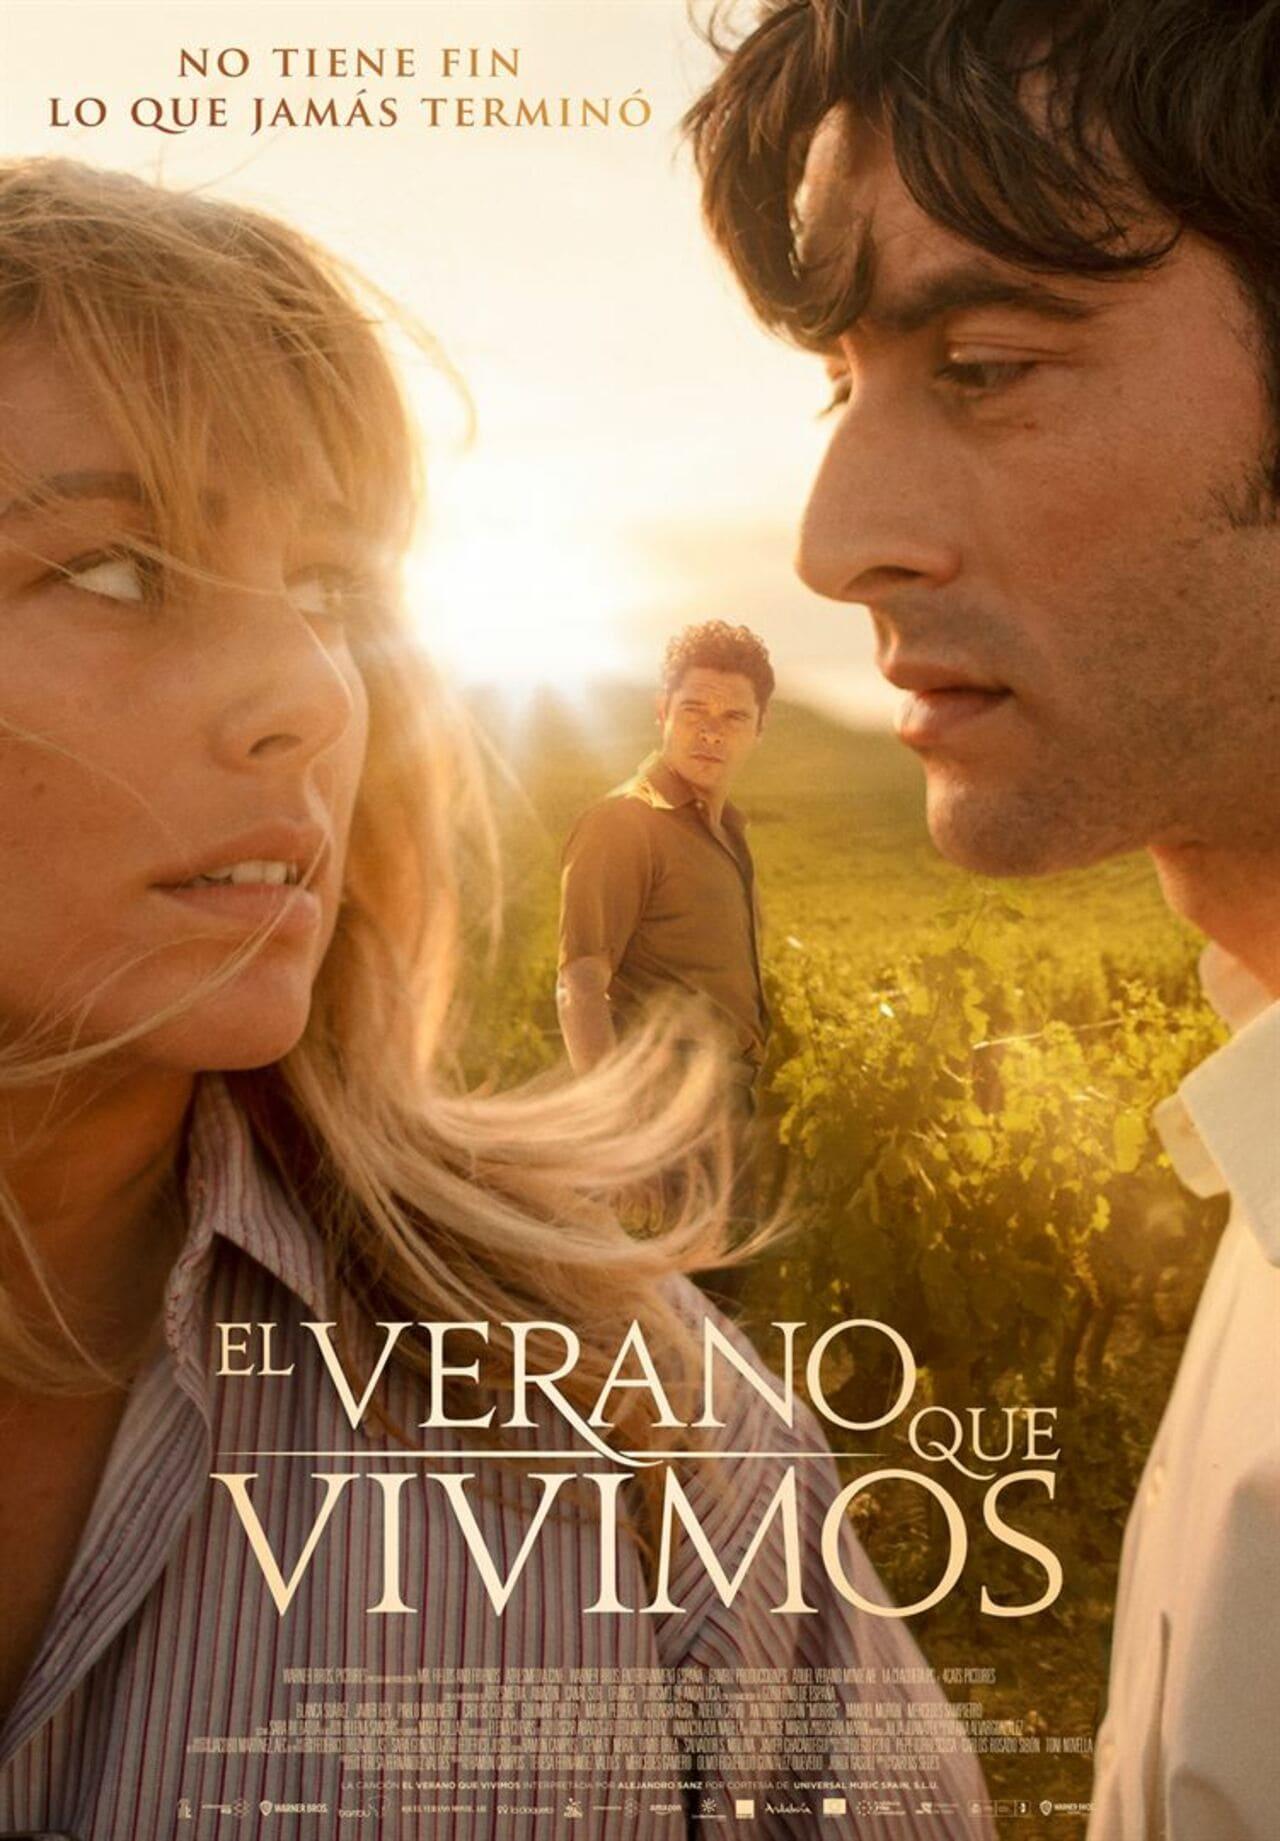 Cartel de la película El verano que vivimos